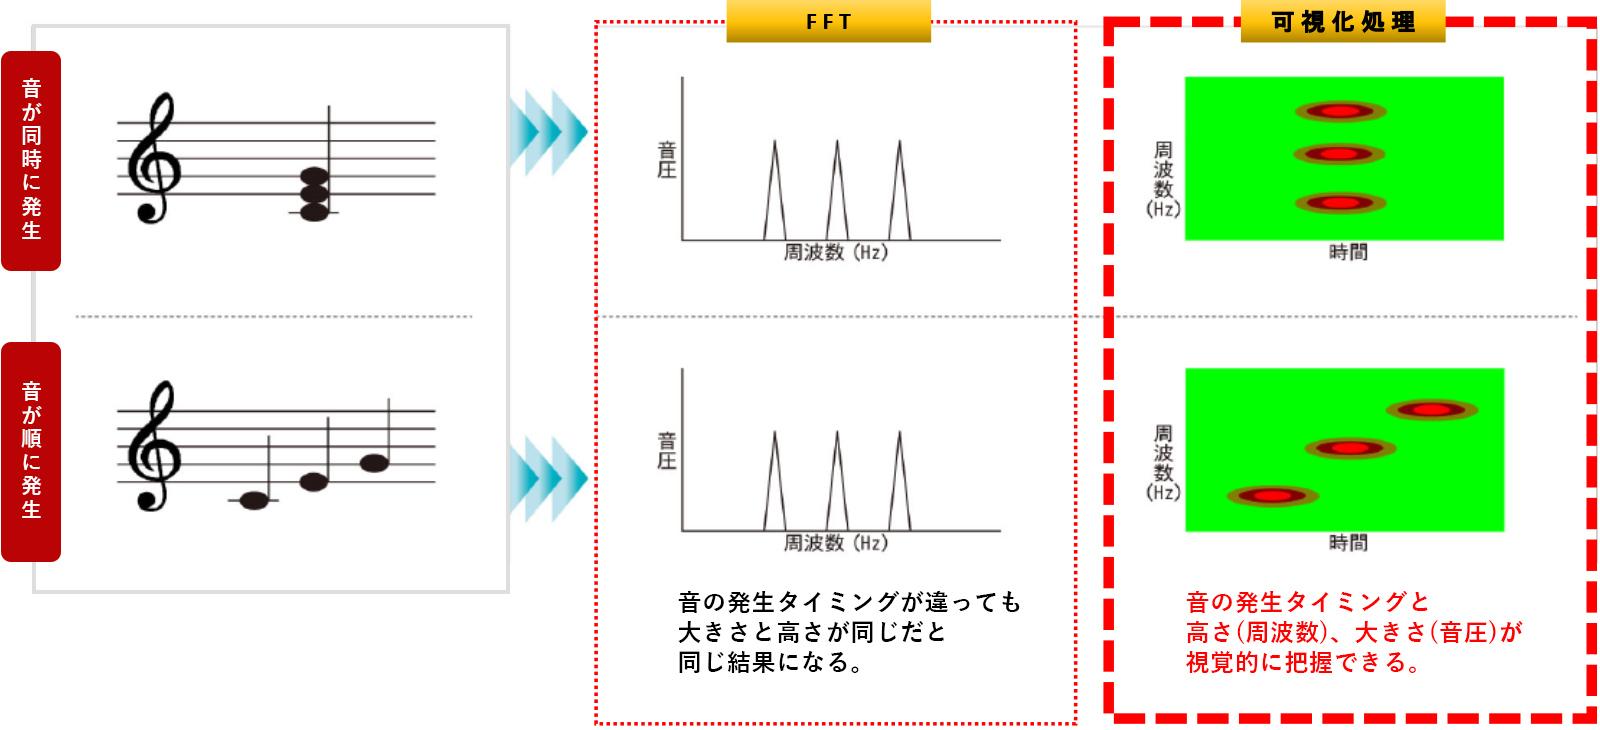 音響振動診断システム